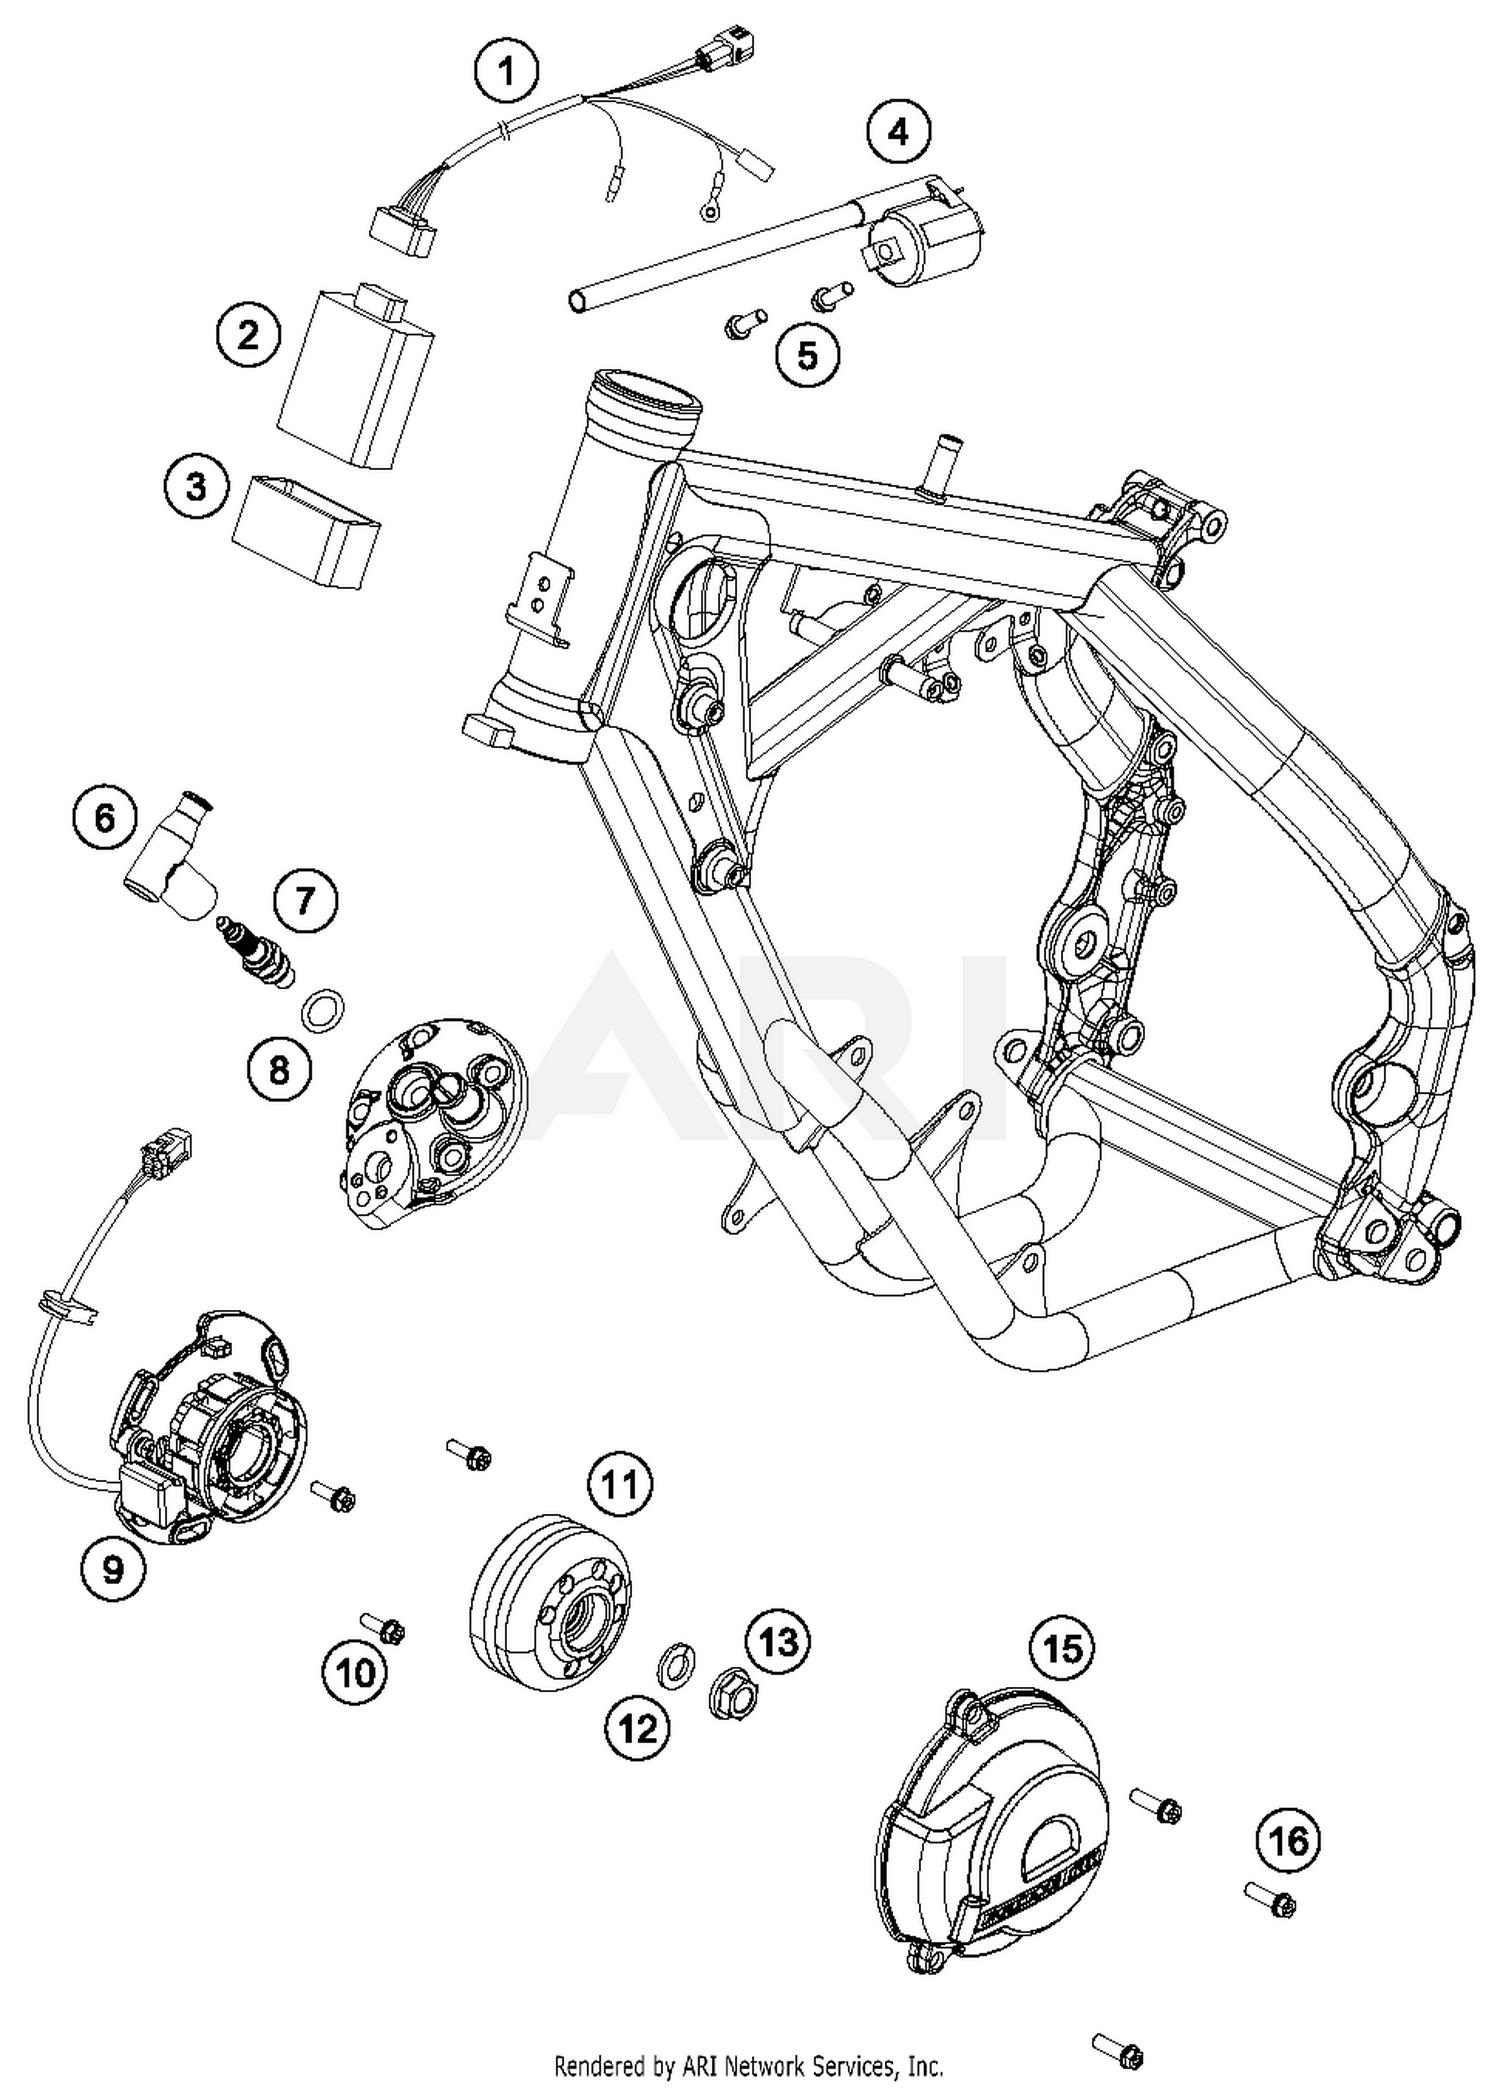 schematic search results: (0 parts in 0 schematics)